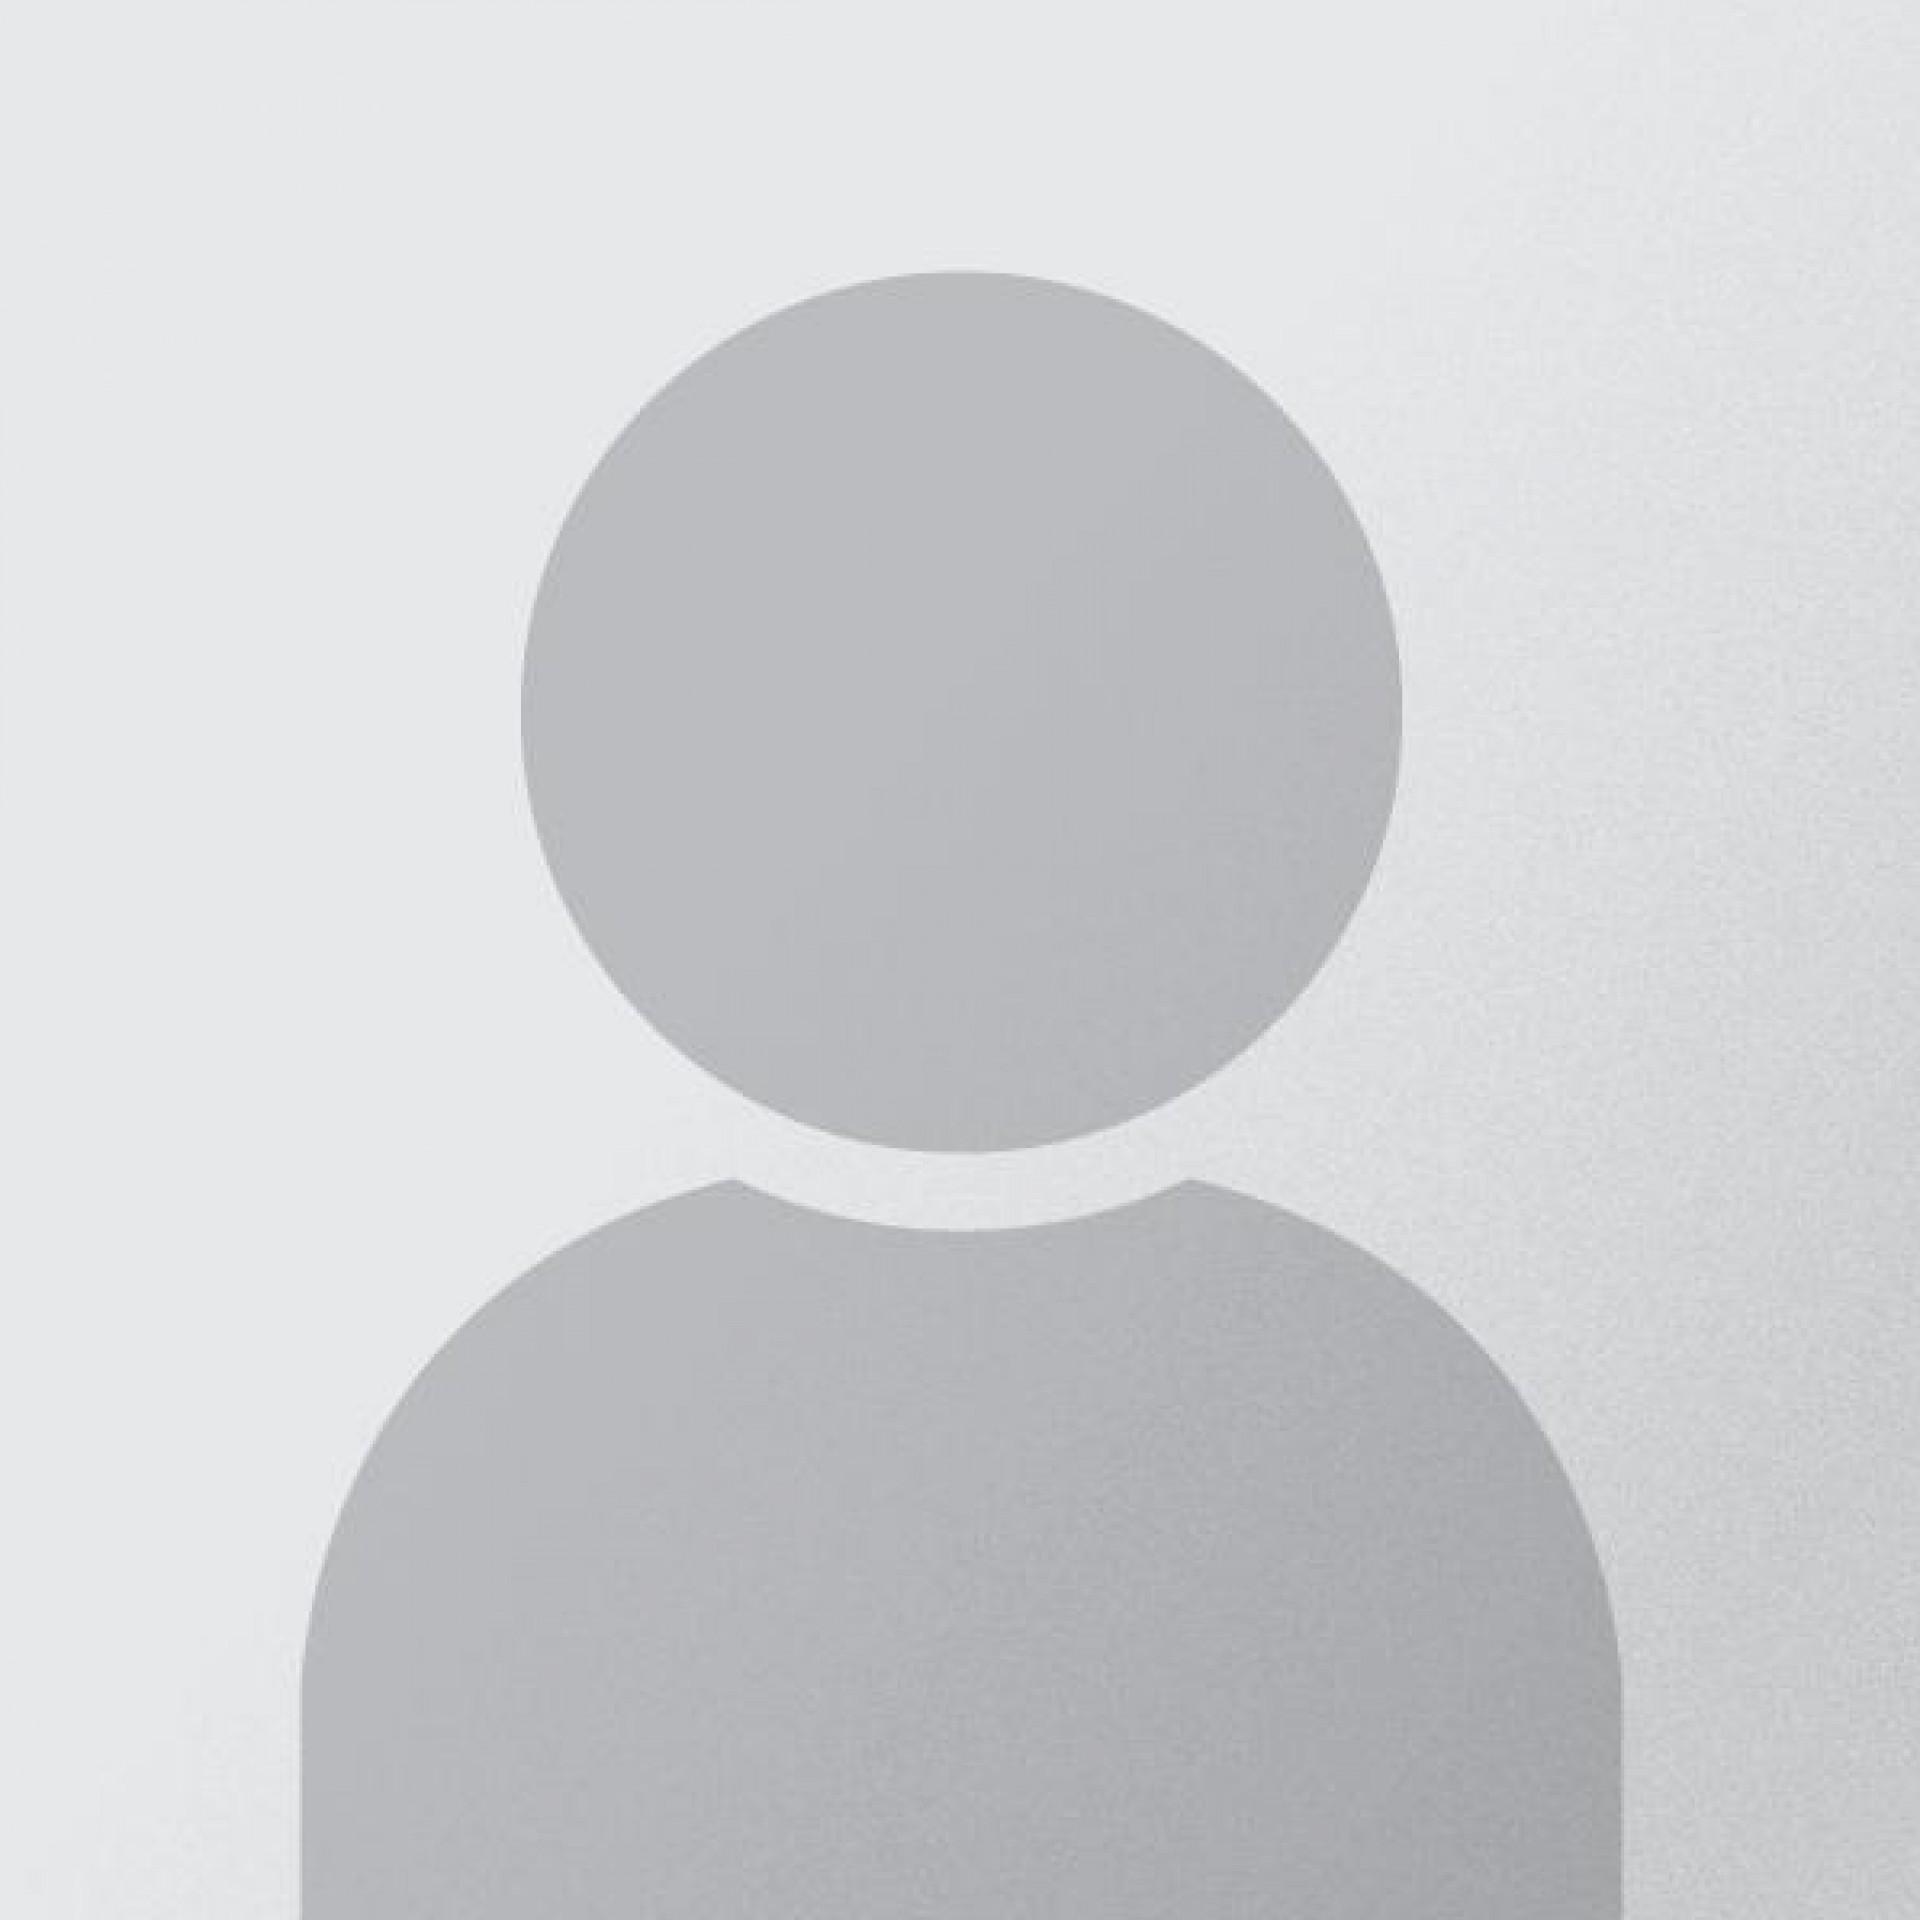 fotografia p021 profilu 0102X54LX6